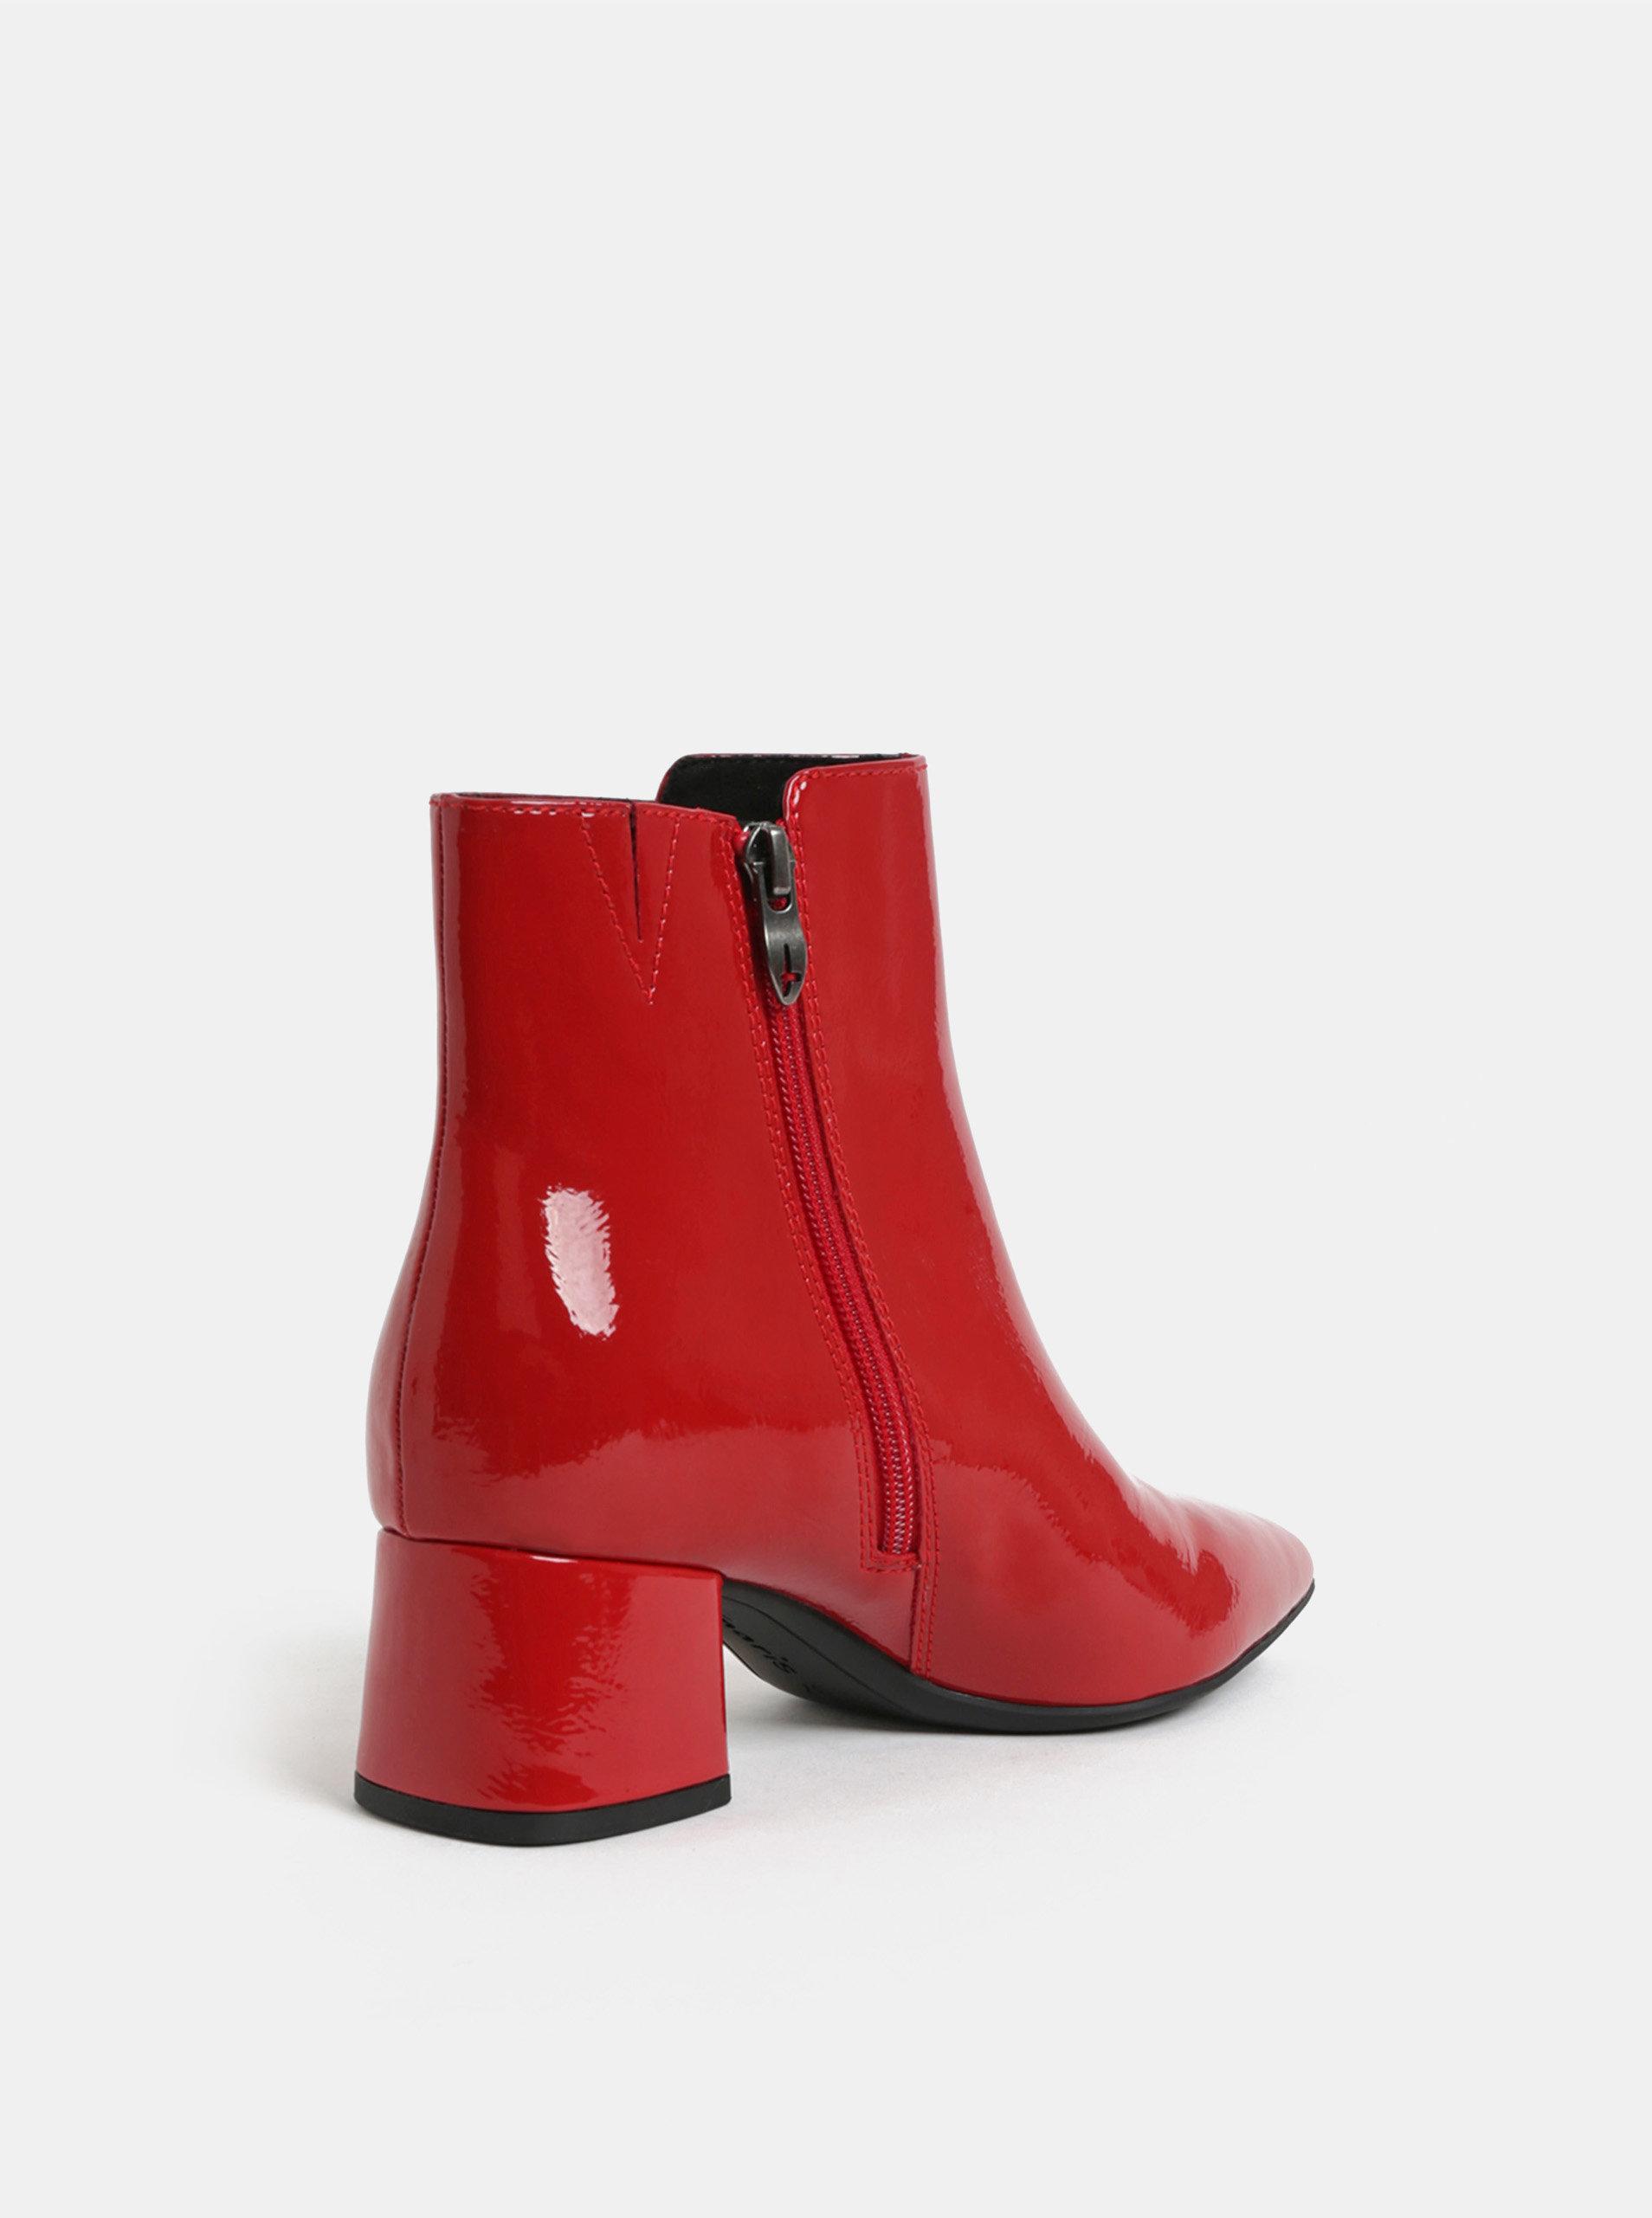 e3f41e335f9 Červené lesklé kotníkové boty na nízkém podpatku Tamaris ...